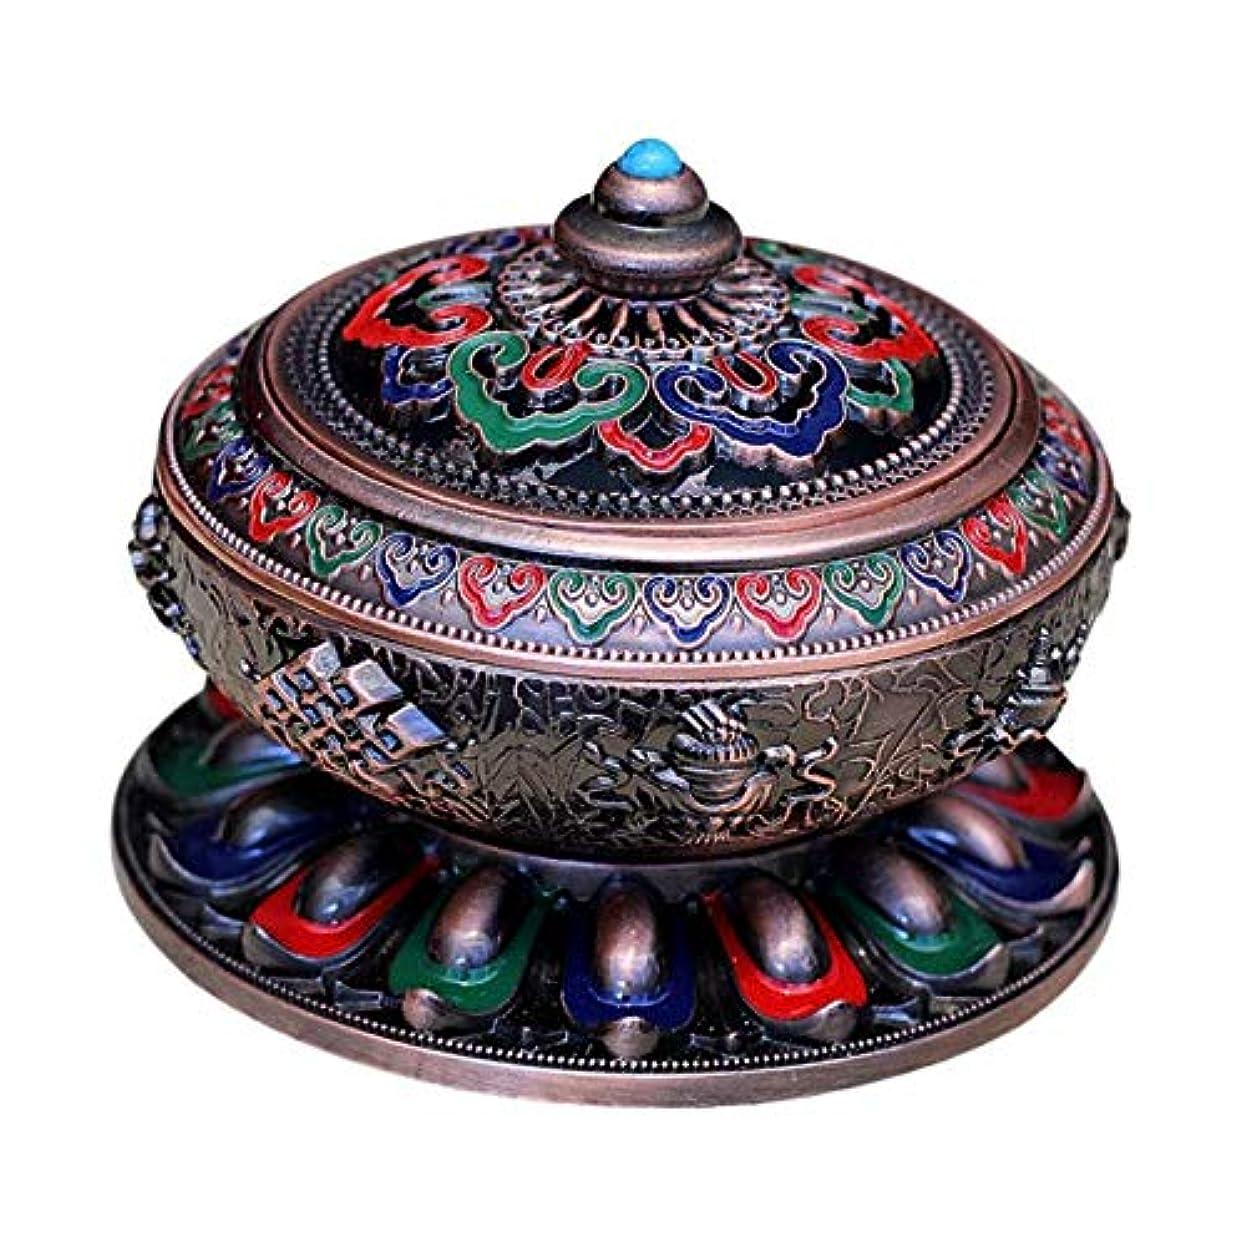 石の顕著オリエンタル香炉 アンティーク 仏教 コーン 香りバーナー 丸香炉 癒しグッズ 琺瑯工芸 全3色 - 赤